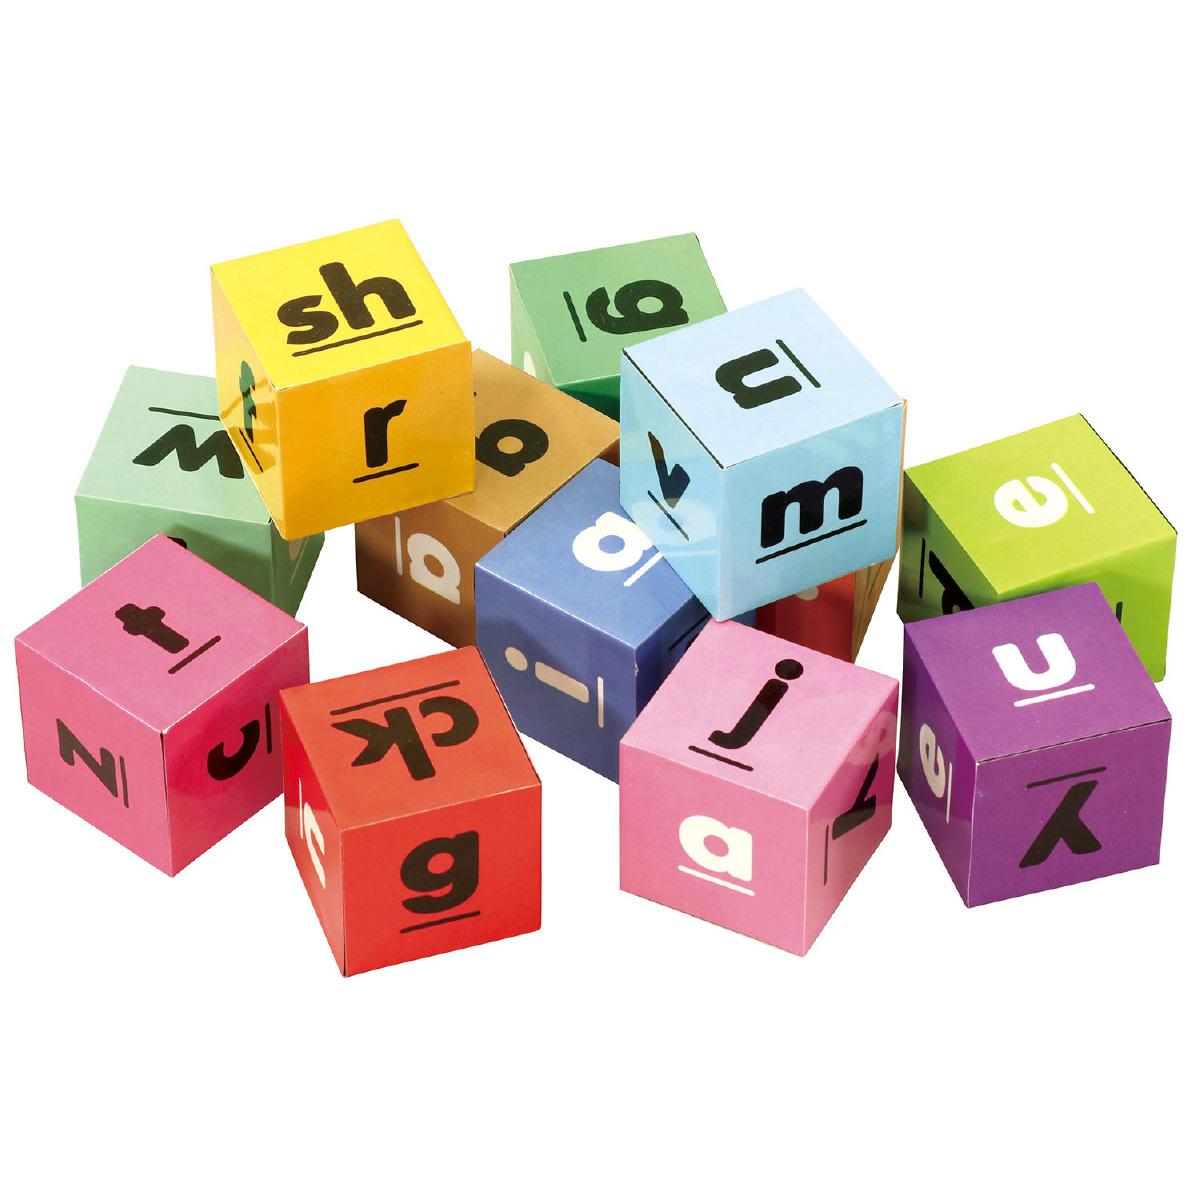 アルファベットキューブ[12pcs] 知育玩具 3歳 4歳 5歳 パズル ブロック 英語 おもちゃ